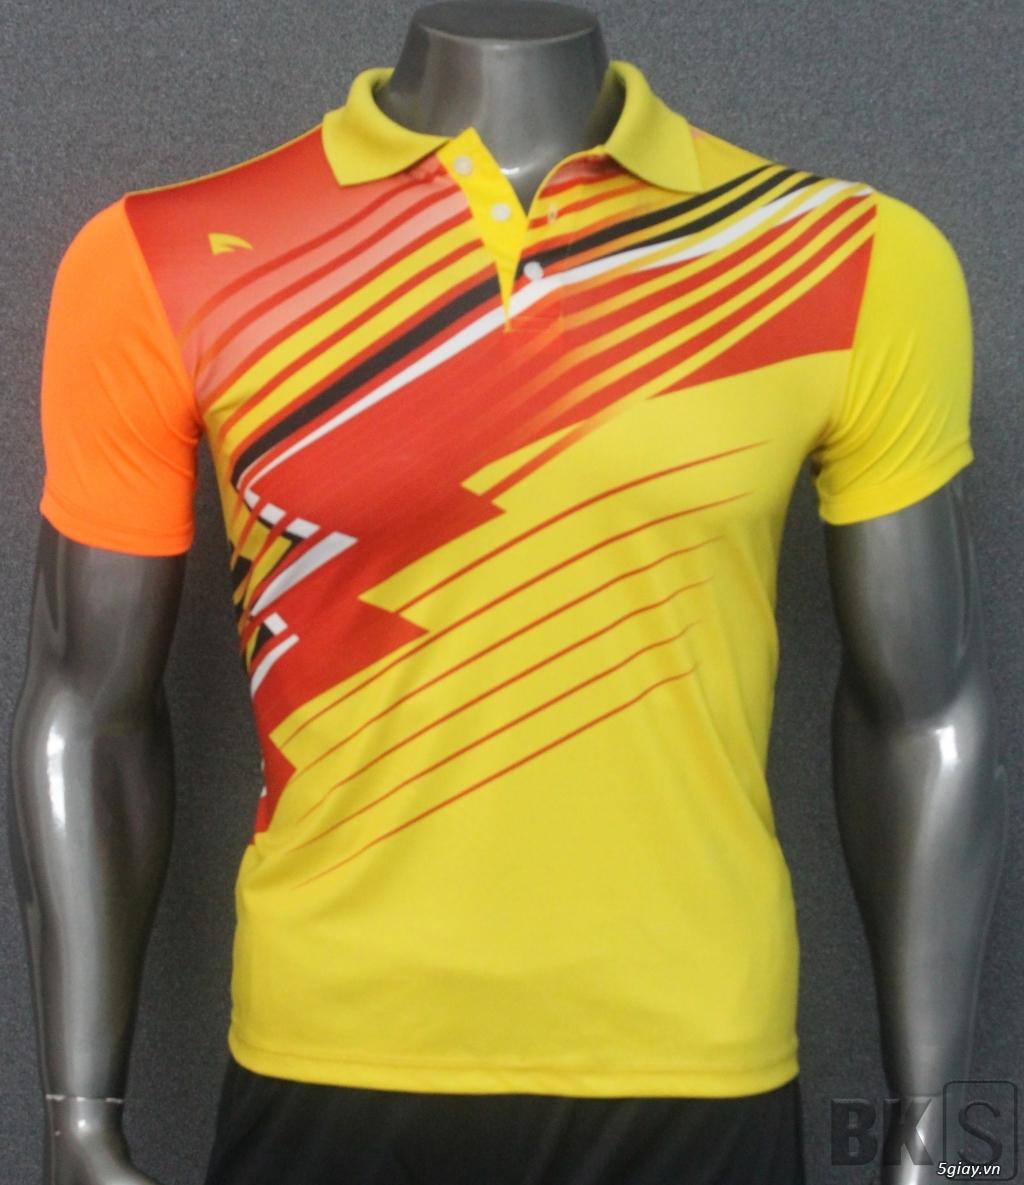 Áo bóng đá HP-địa chỉ gốc sản xuất trang phục thể thao số 1 Việt Nam - 13